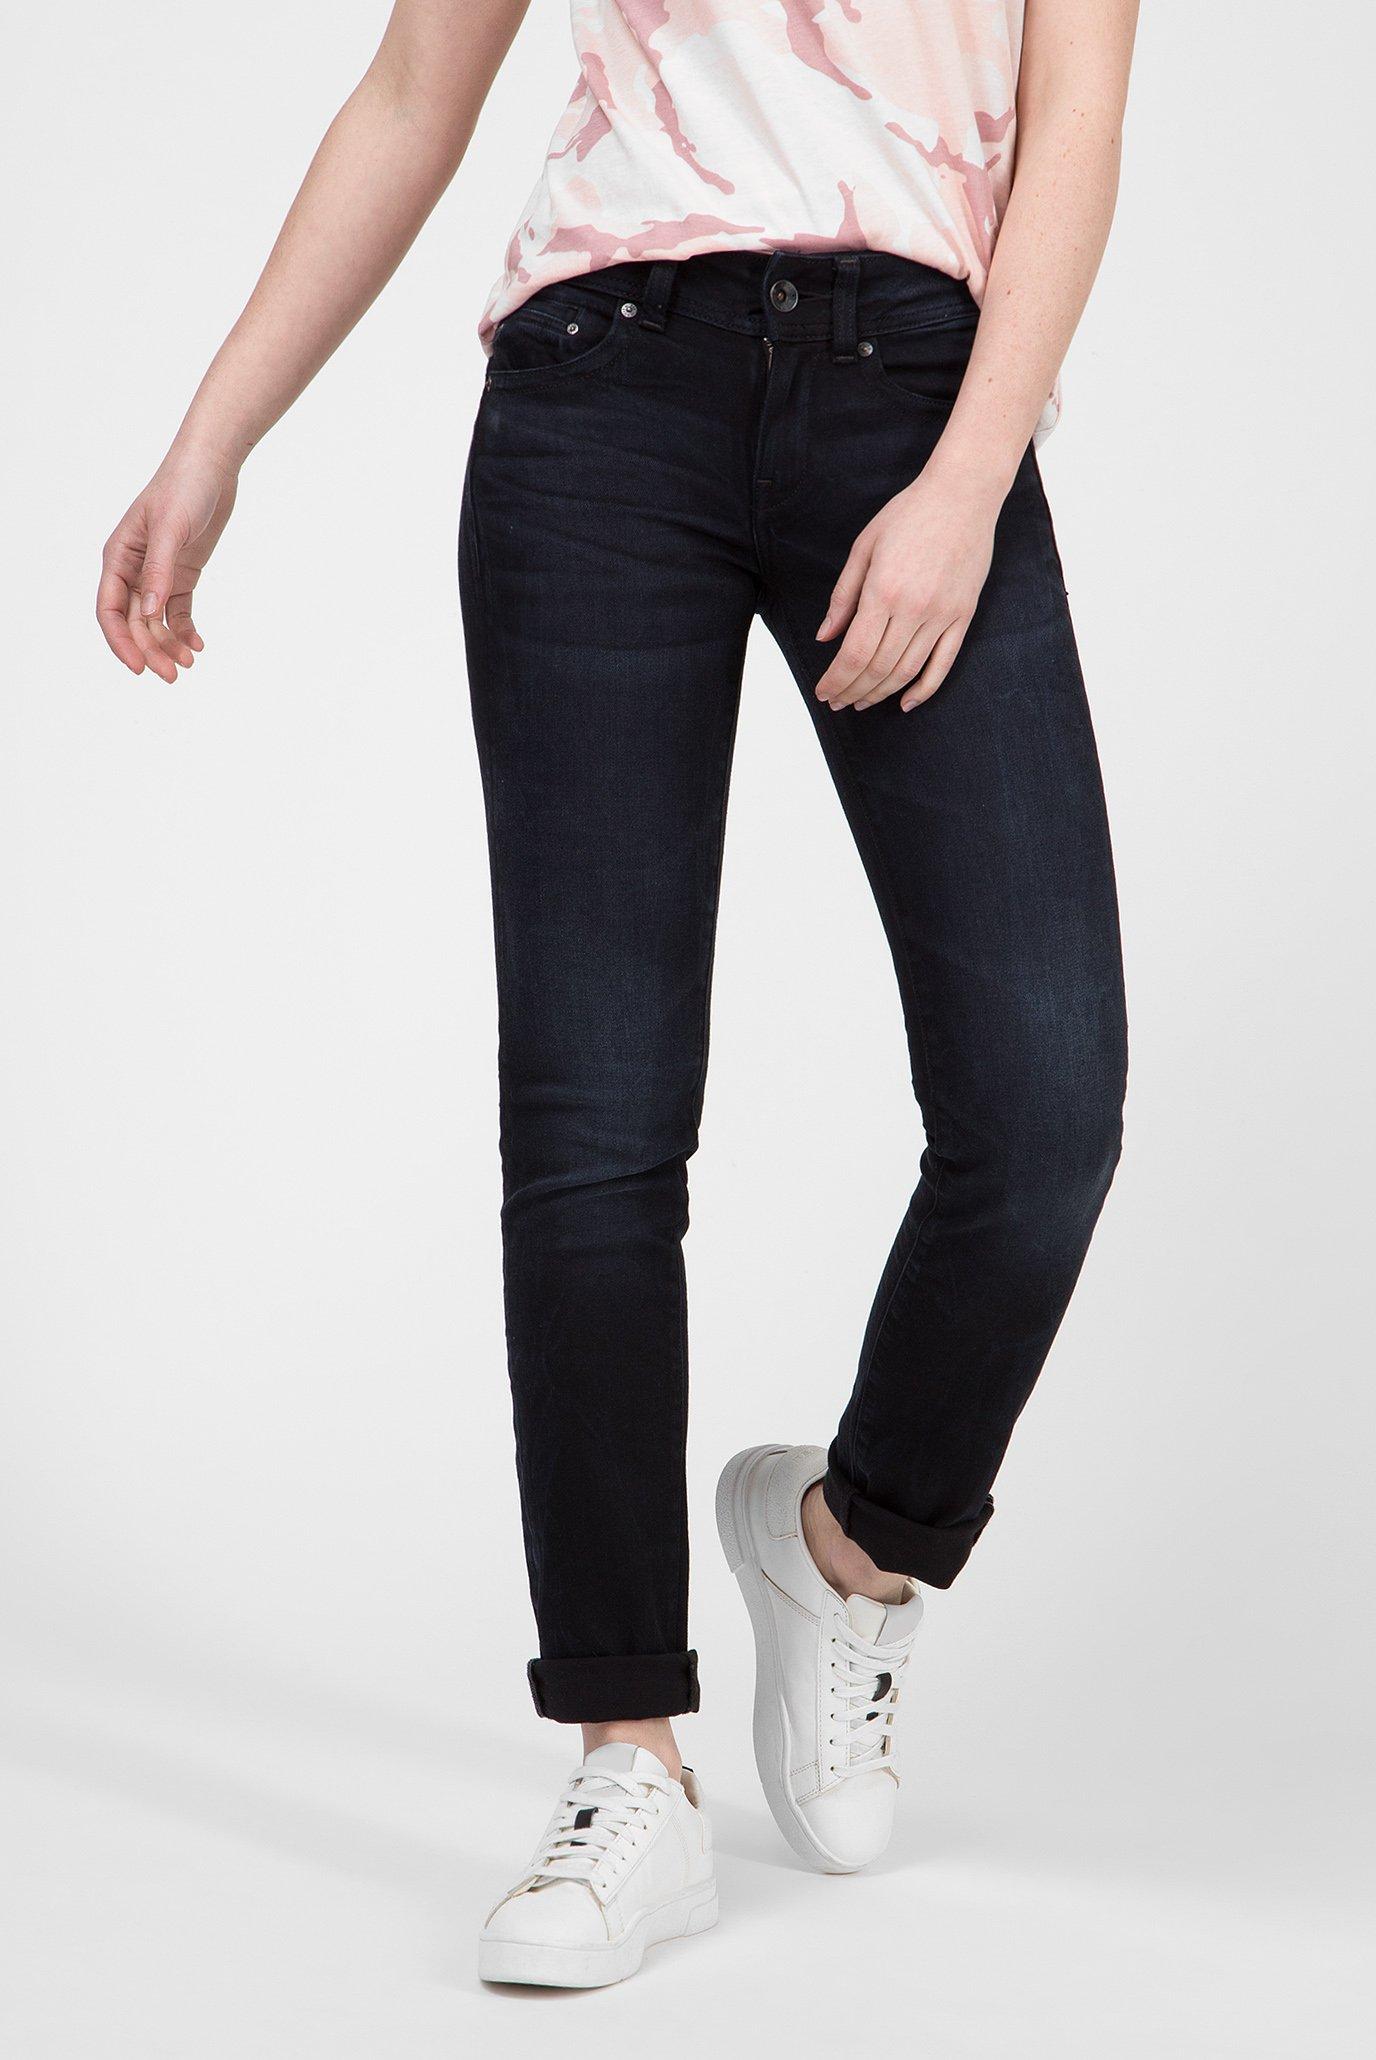 Женские темно-синие джинсы Midge Saddle Straight 1